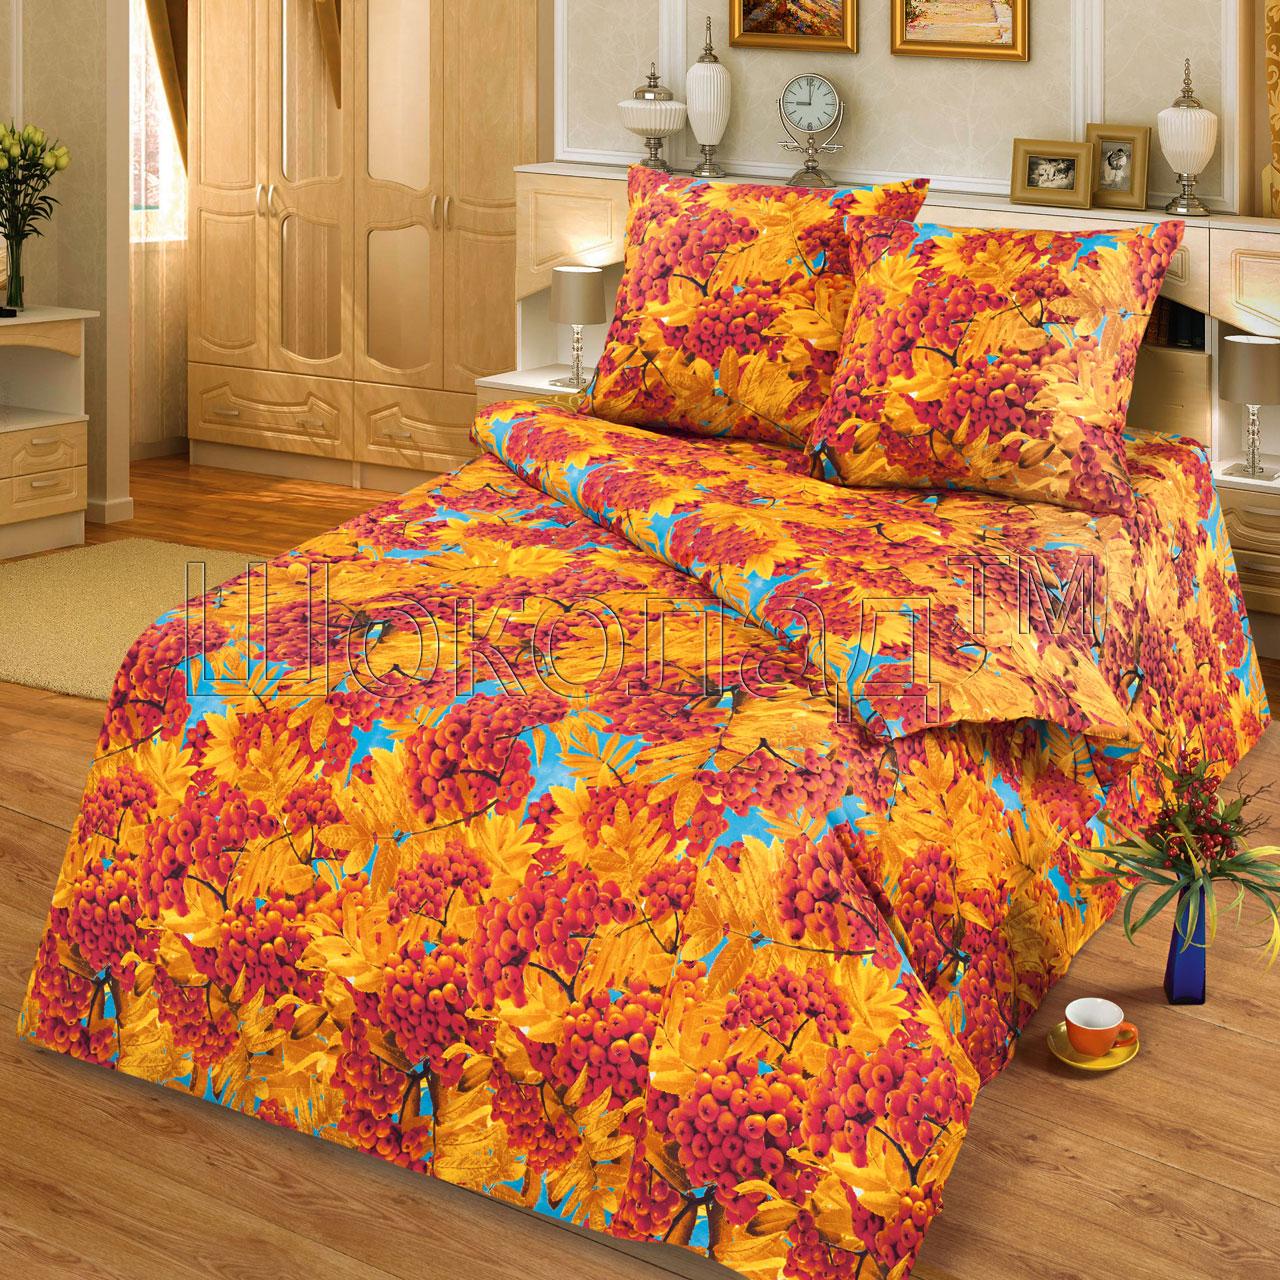 Фото - Постельное белье Осень золотая (бязь) (1,5 спальный) постельное белье этель кружева комплект 2 спальный поплин 2670978